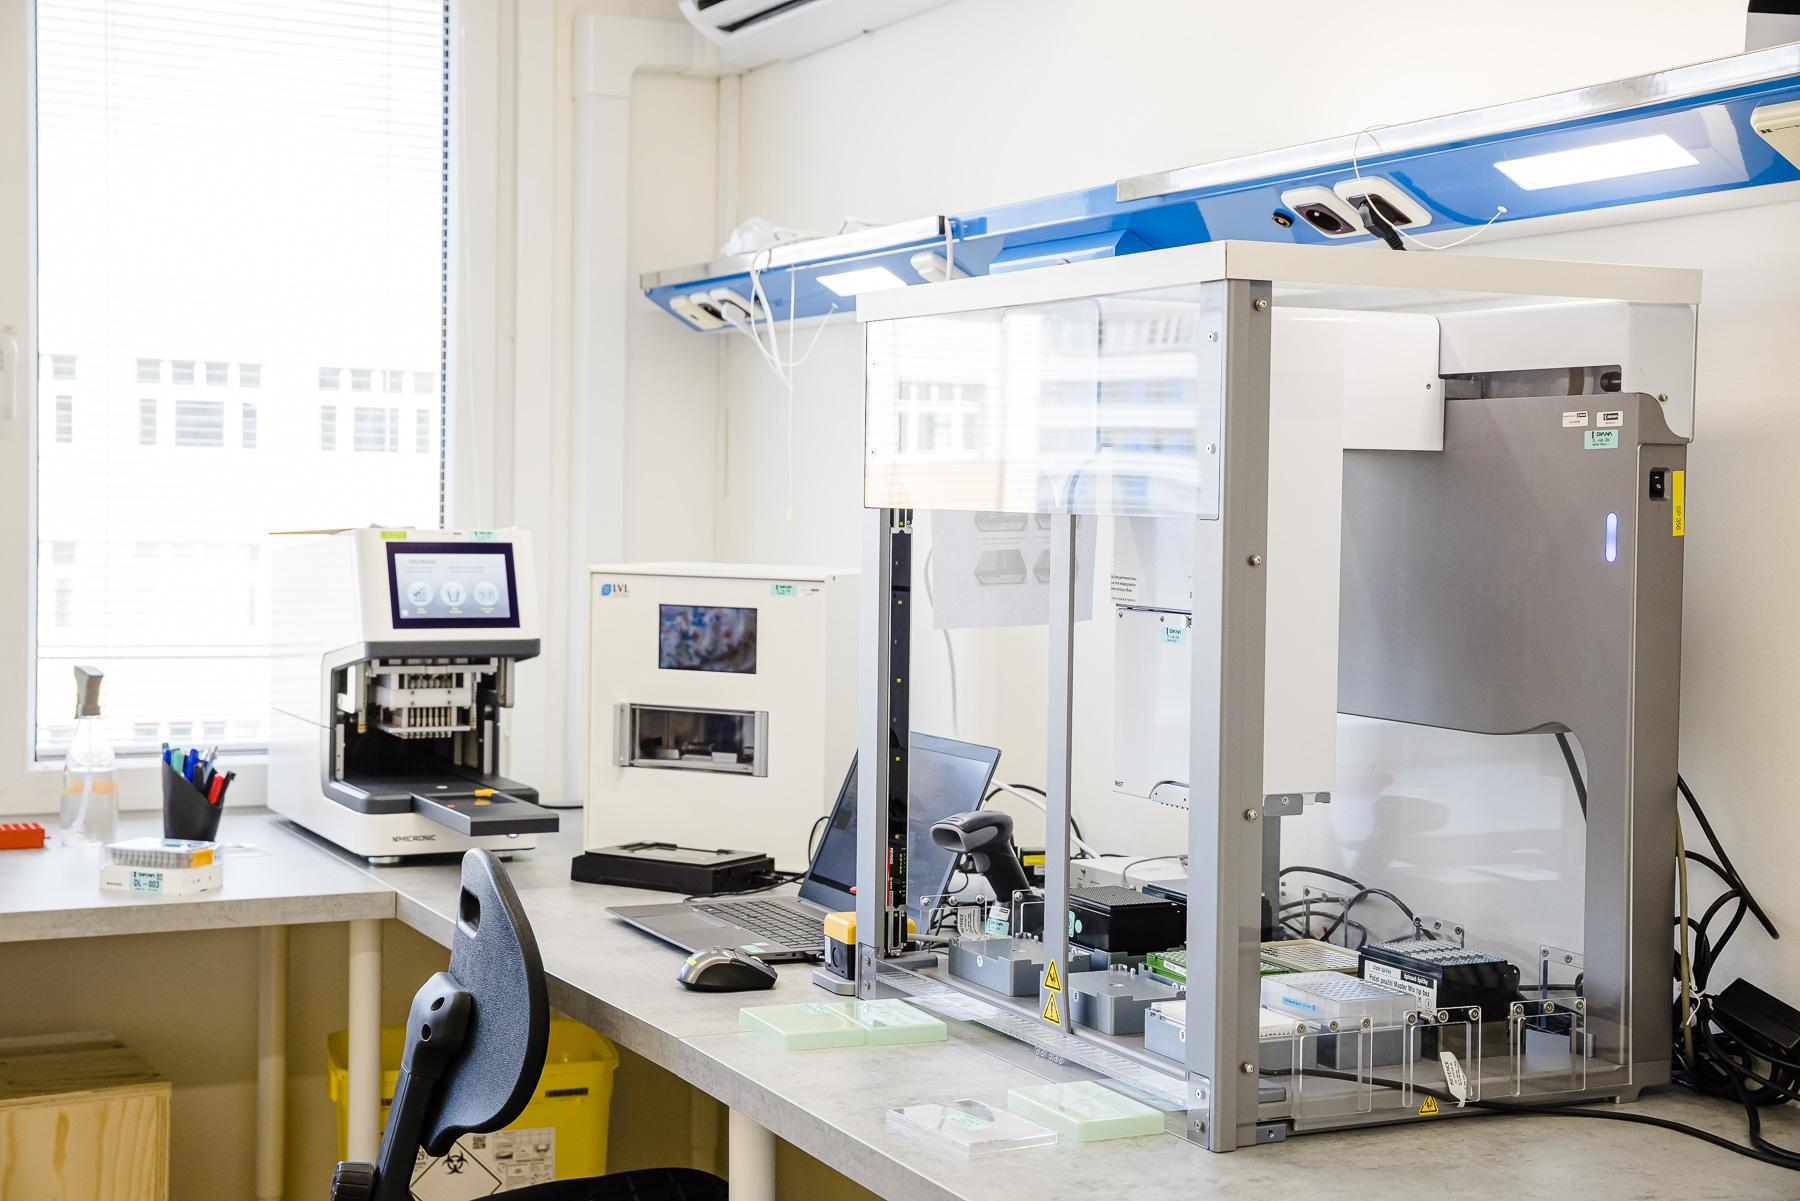 Denně až 10 000 PCR testů na jednom místě. Čeští vědci otevírají nejmodernější laboratoř na diagnostiku COVID-19